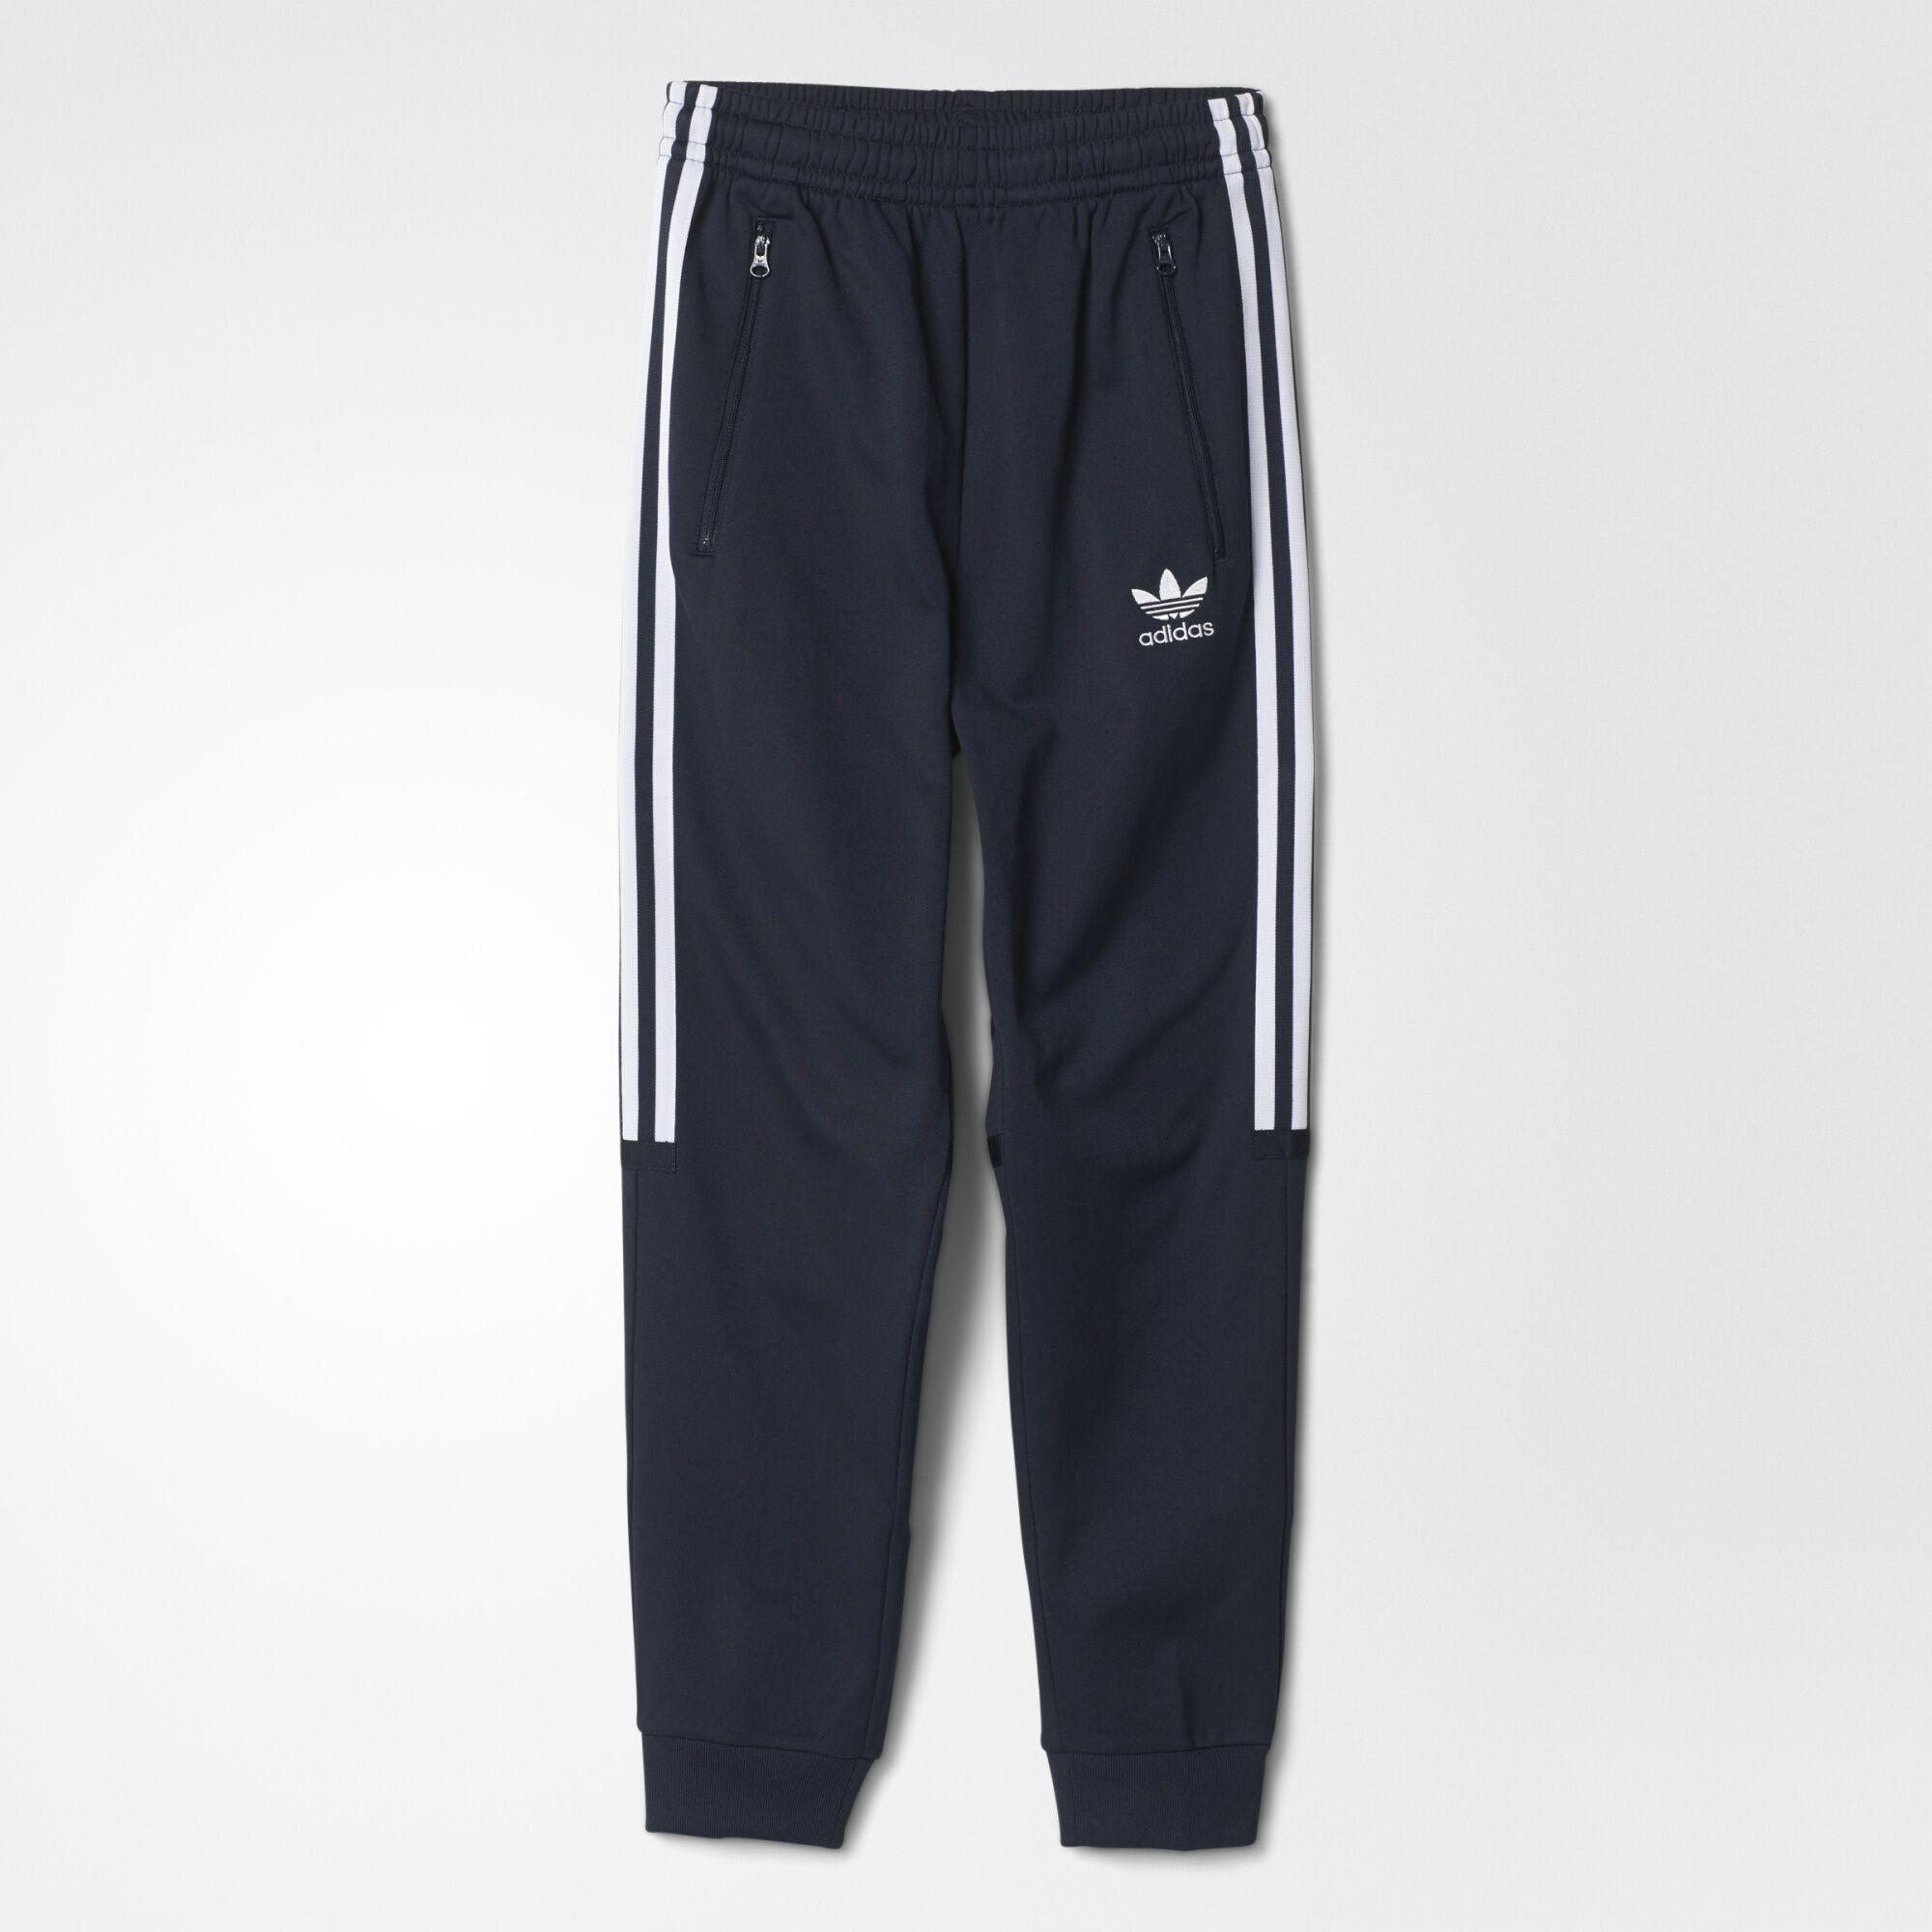 Adidas blanco los pantalones de la pista, Samba zapatos para hombres > off63% originales